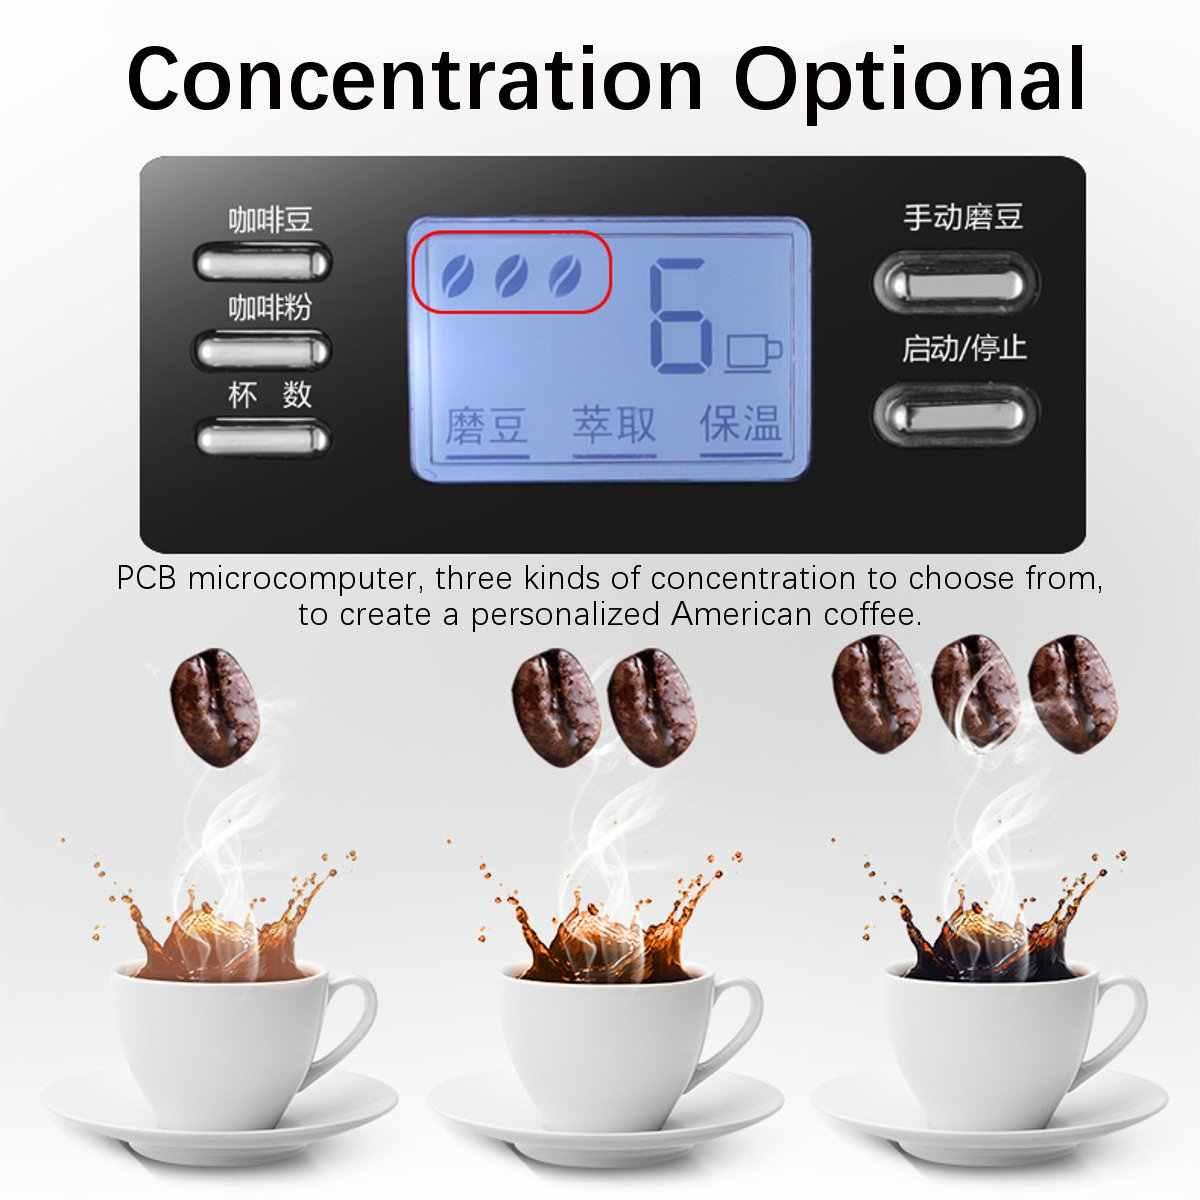 Электрическая Кофеварка, бытовая полностью автоматическая капельная Кофеварка, 1200 мл, чайник, кофейник, бытовая кухонная техника, 220 В